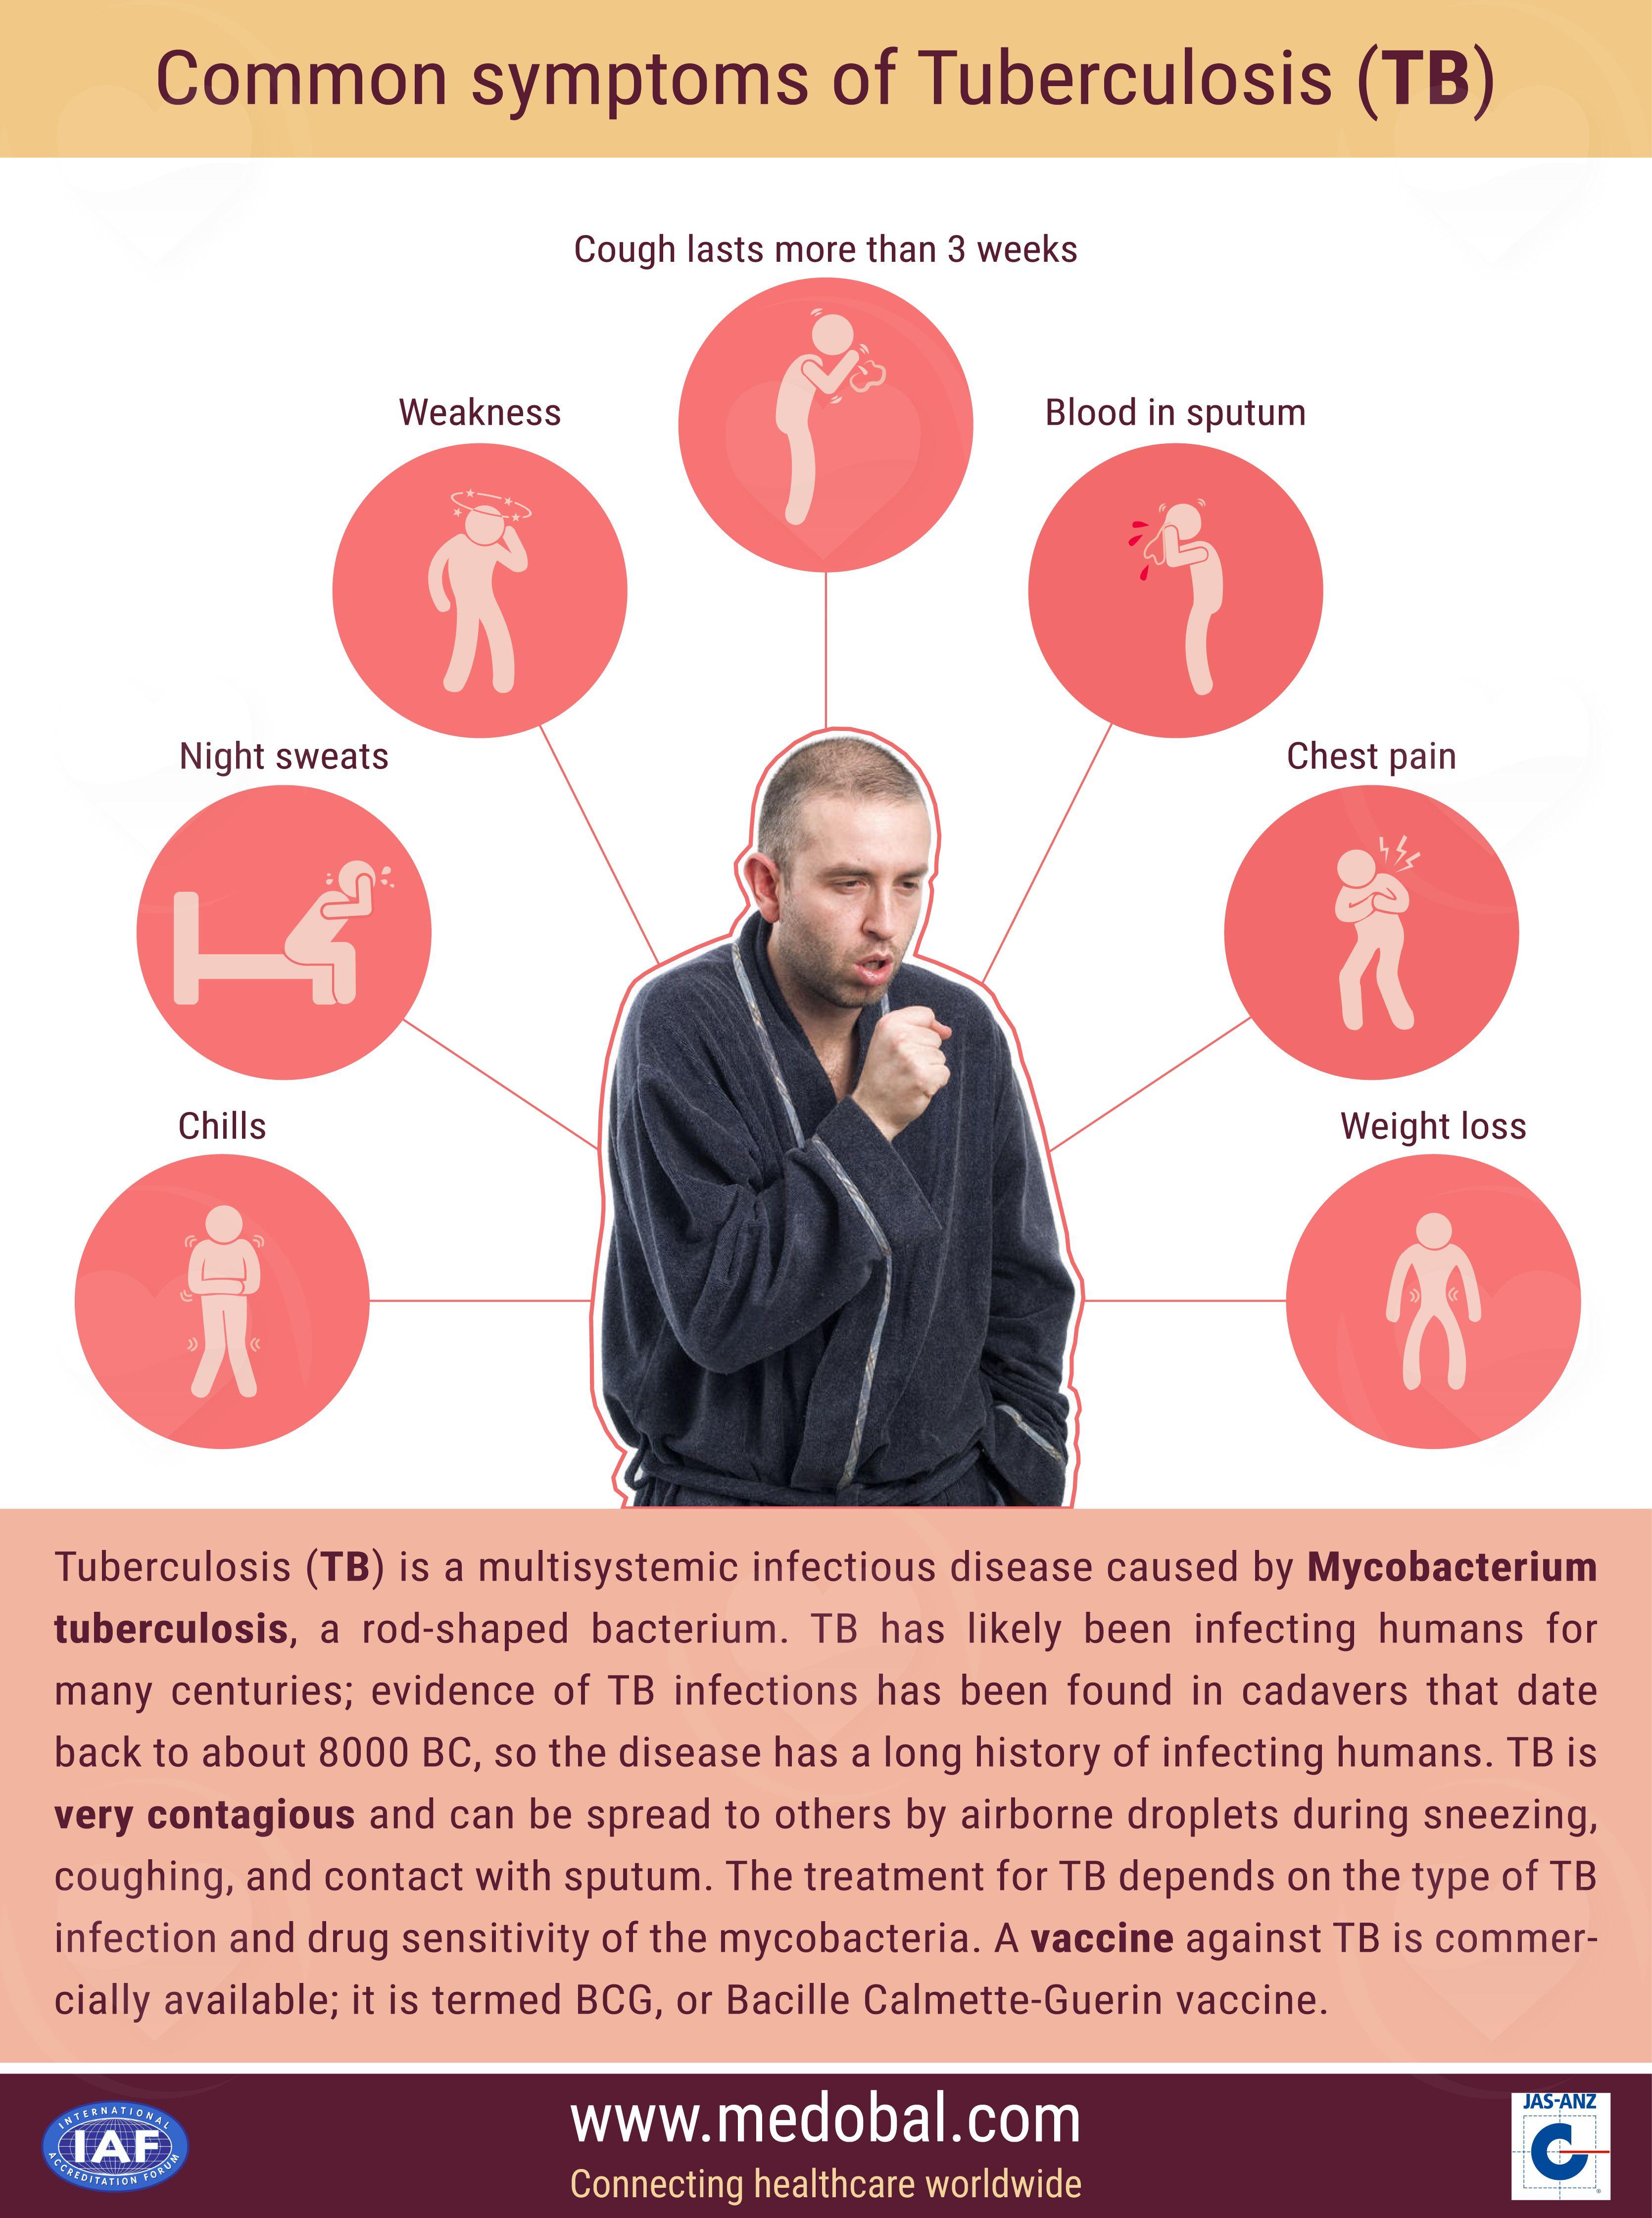 Symptoms of Tuberculosis Disease (TB)